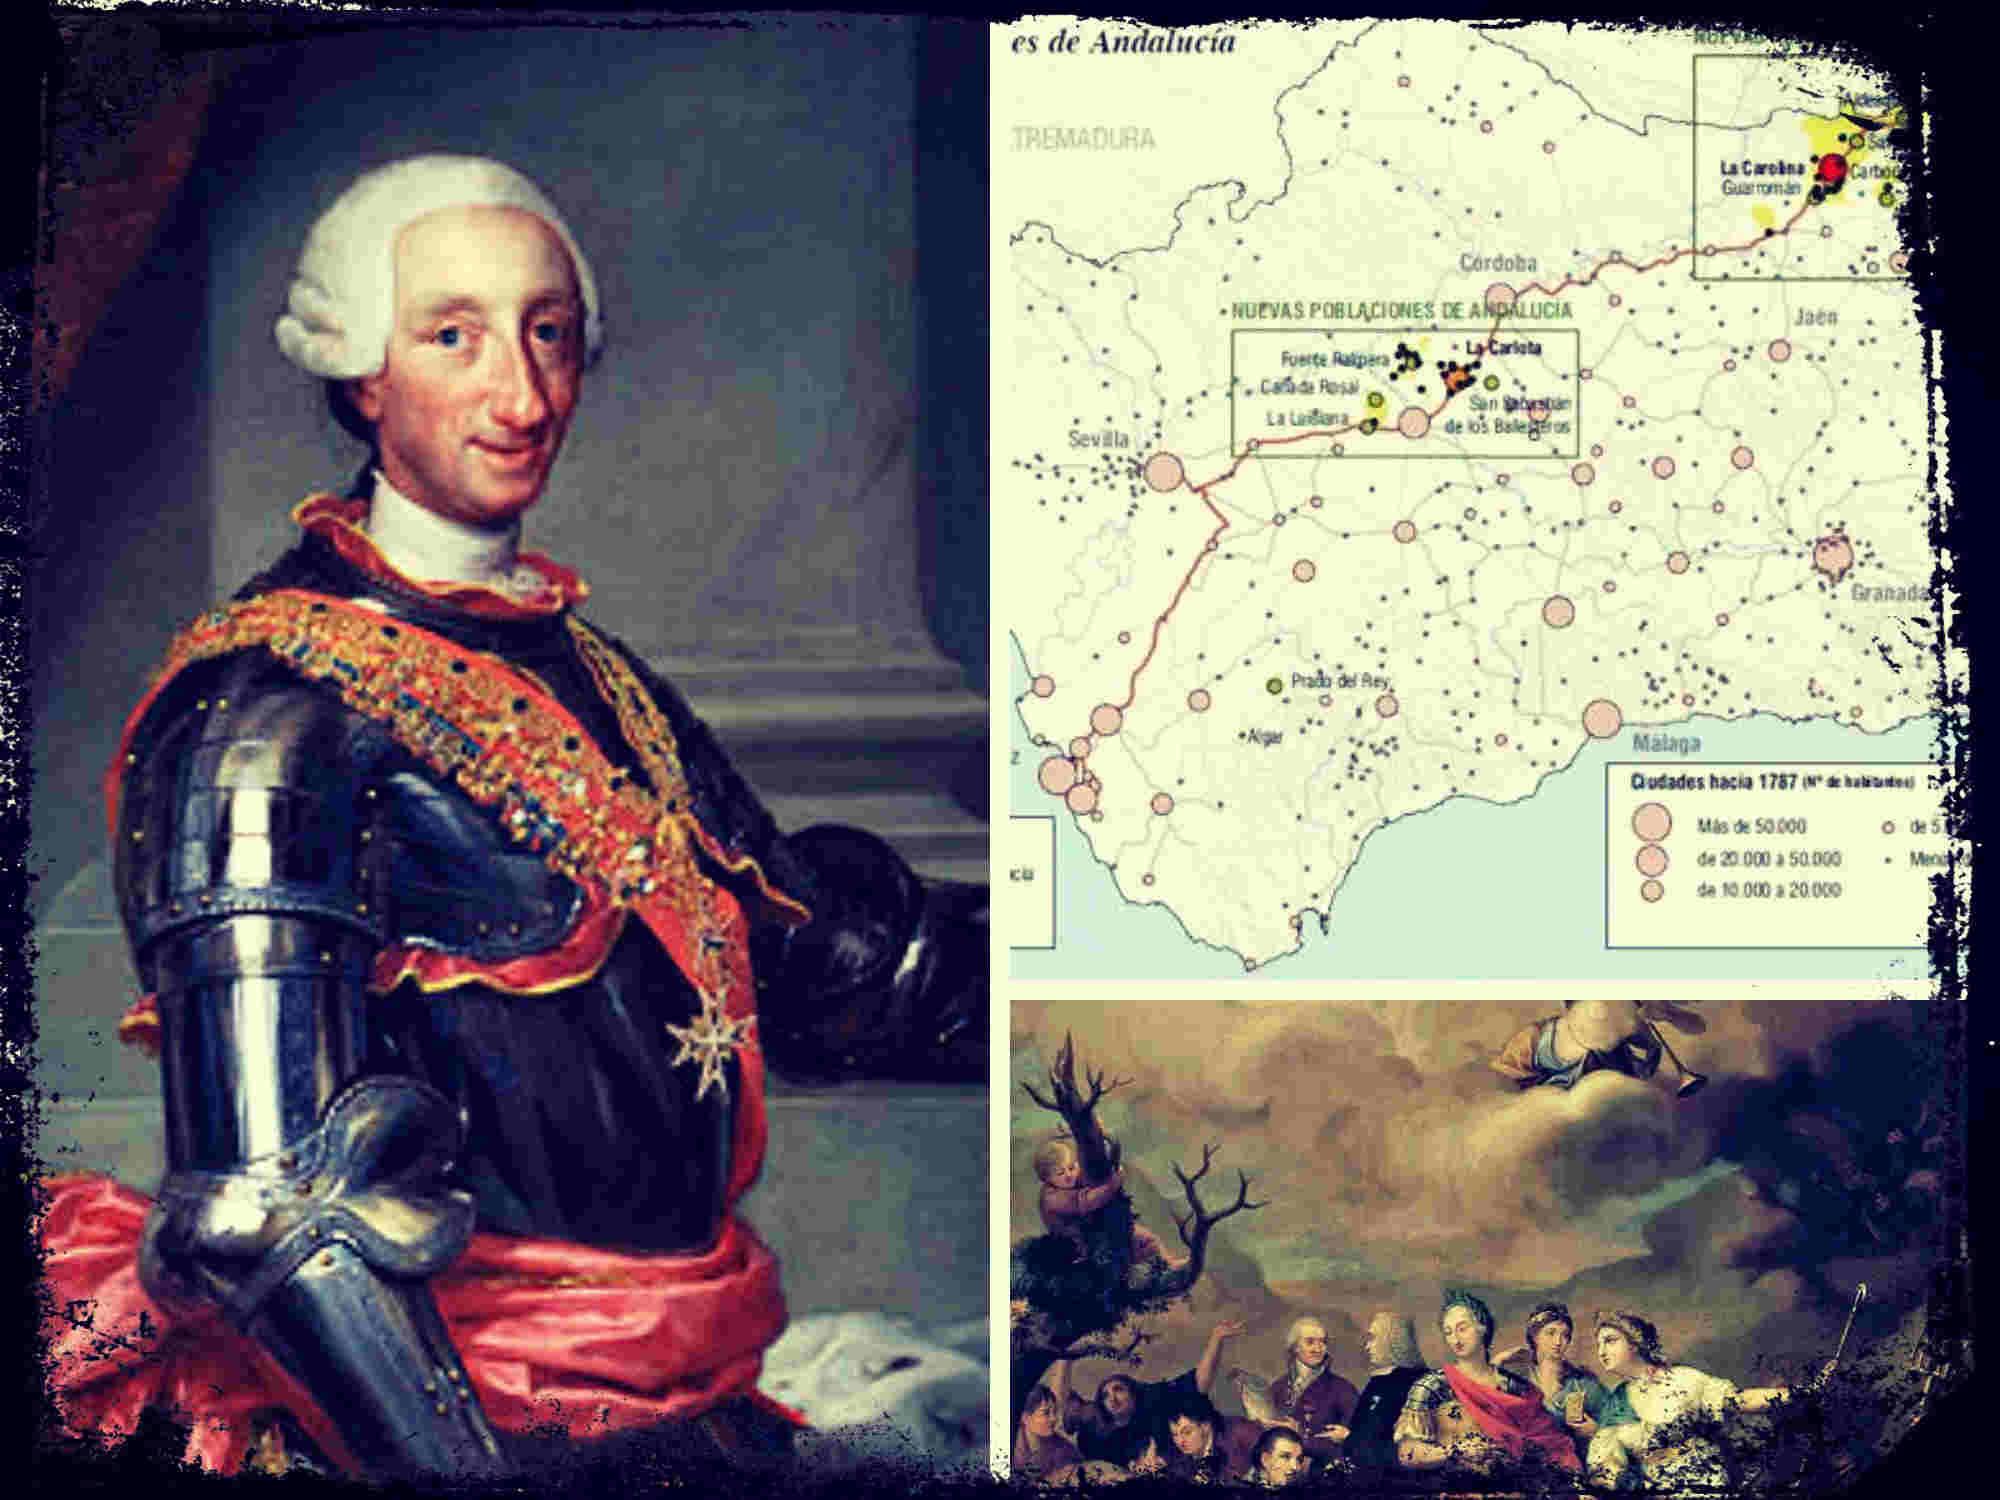 El Plan de Reforma Agraria de Carlos III y el Fuero de las Nuevas Poblaciones